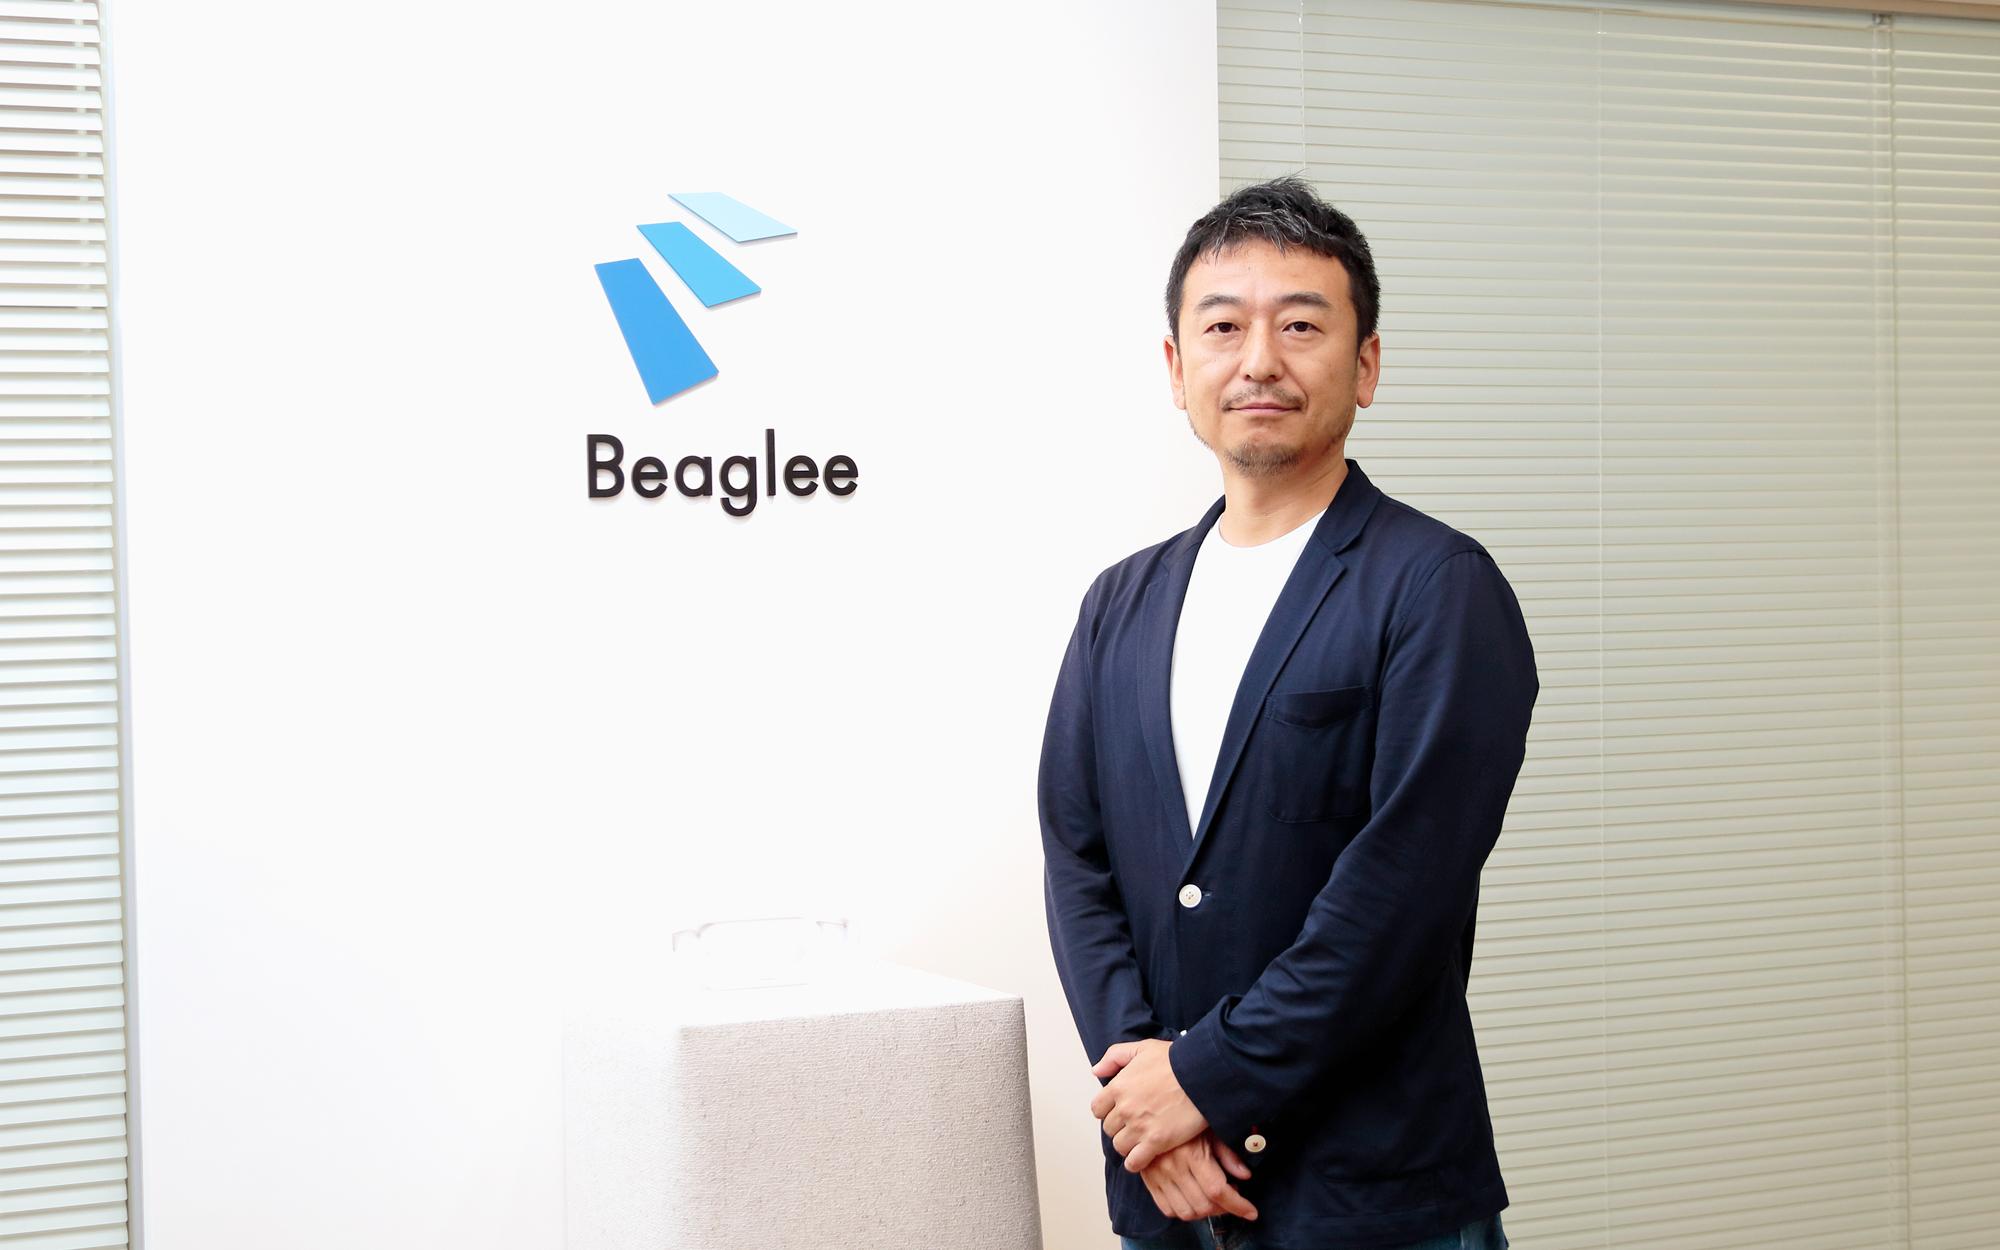 株式会社ビーグリー 吉田仁平 サムネイル画像